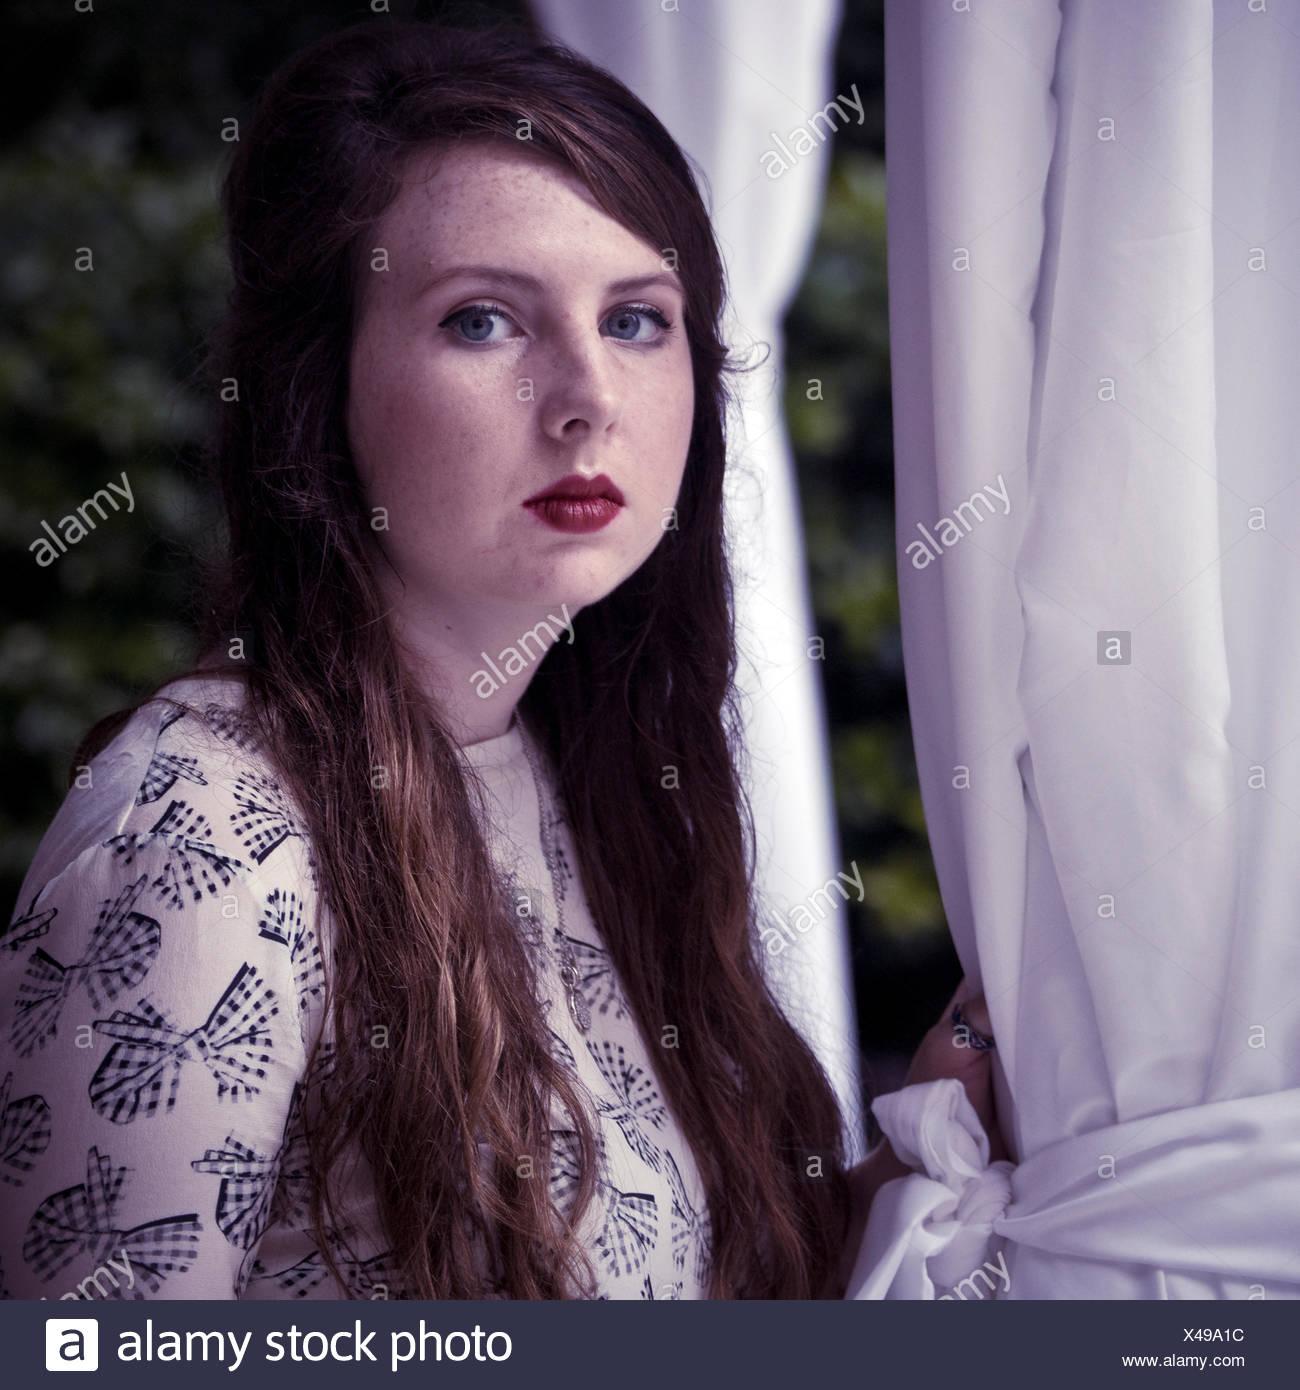 Giovane donna, 19 anni, sguardo impassibile nella fotocamera. Immagini Stock